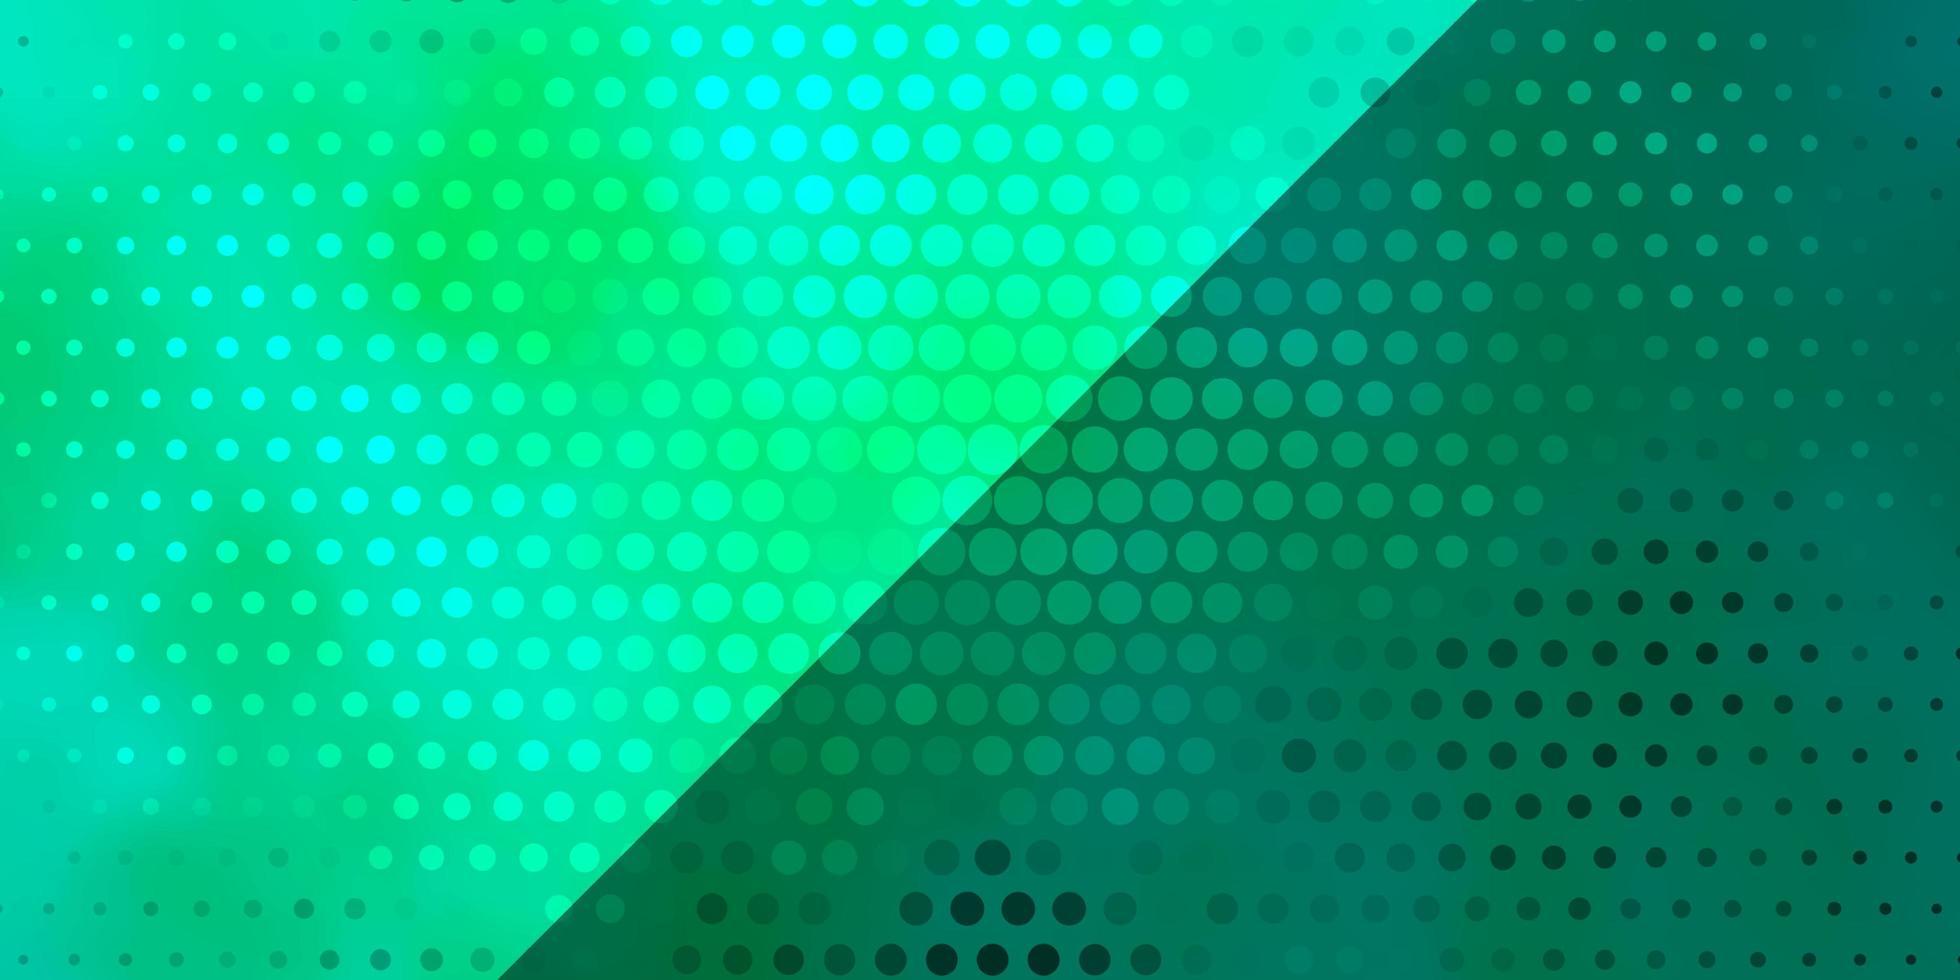 fondo verde con círculos. vector